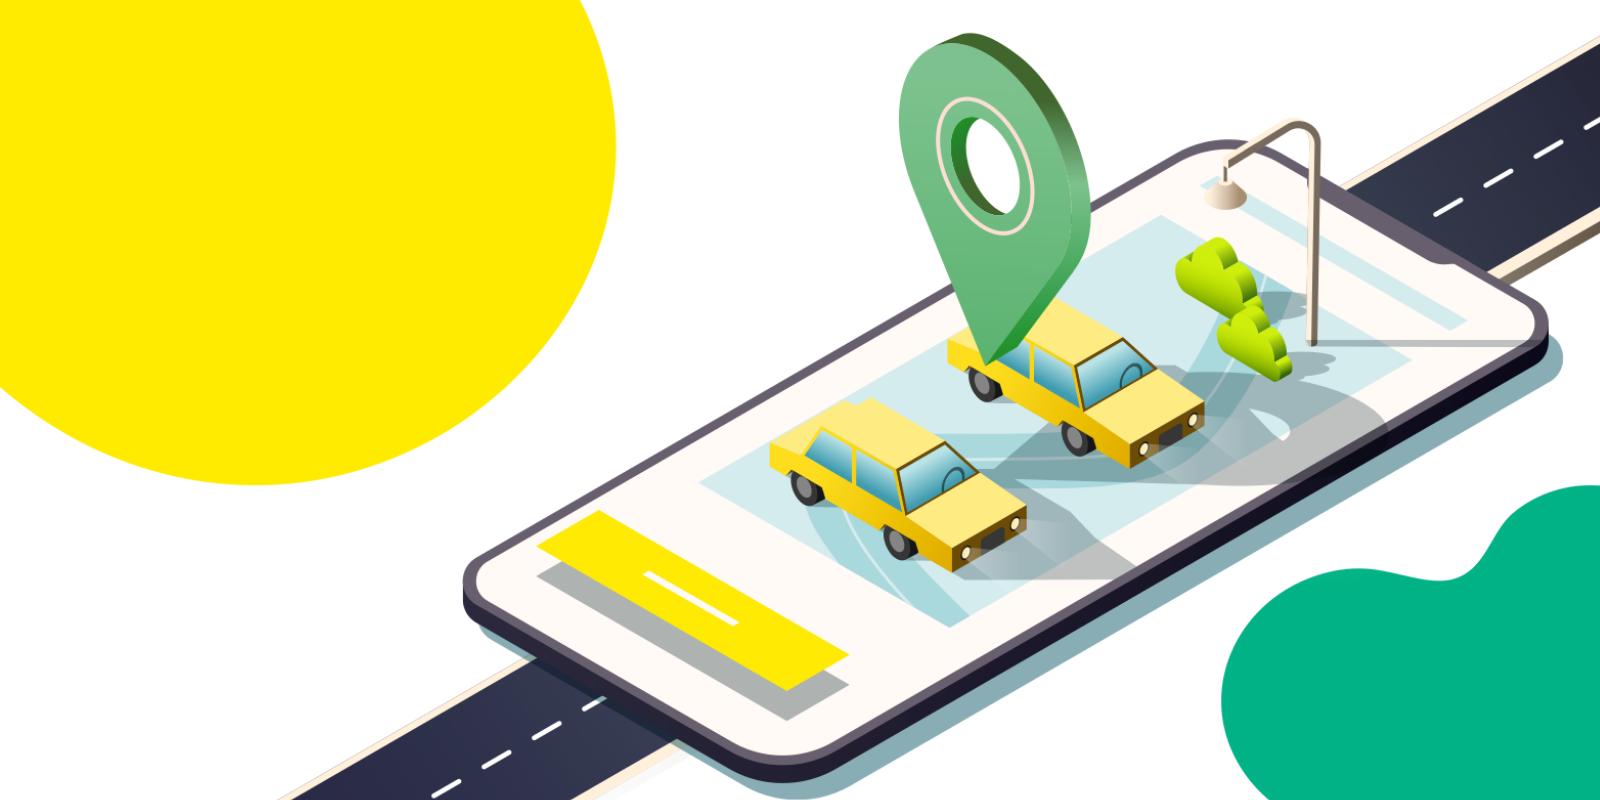 Aplikacije za poslovno putovanje Gooma sustav